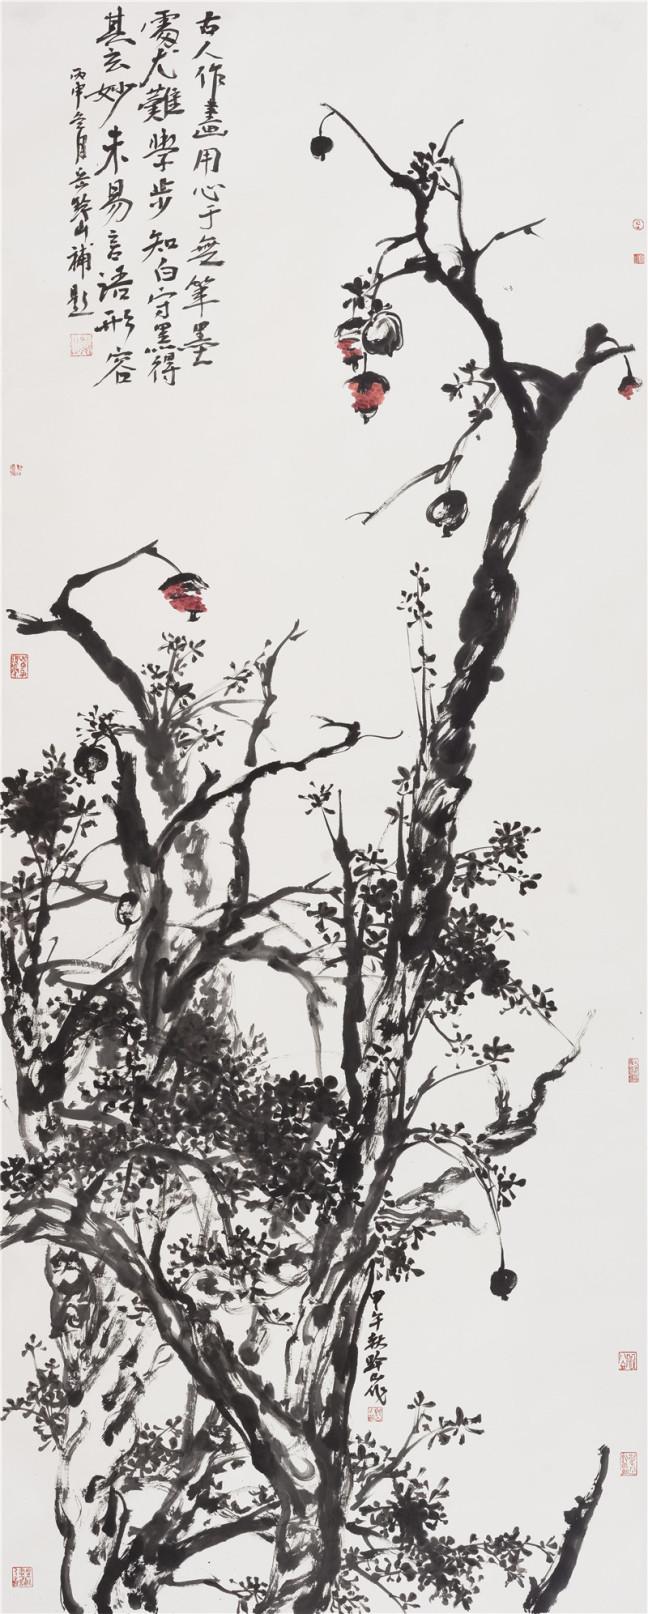 4岳黔山《榴园高秋》367x146cm纸本彩墨2015年.jpg